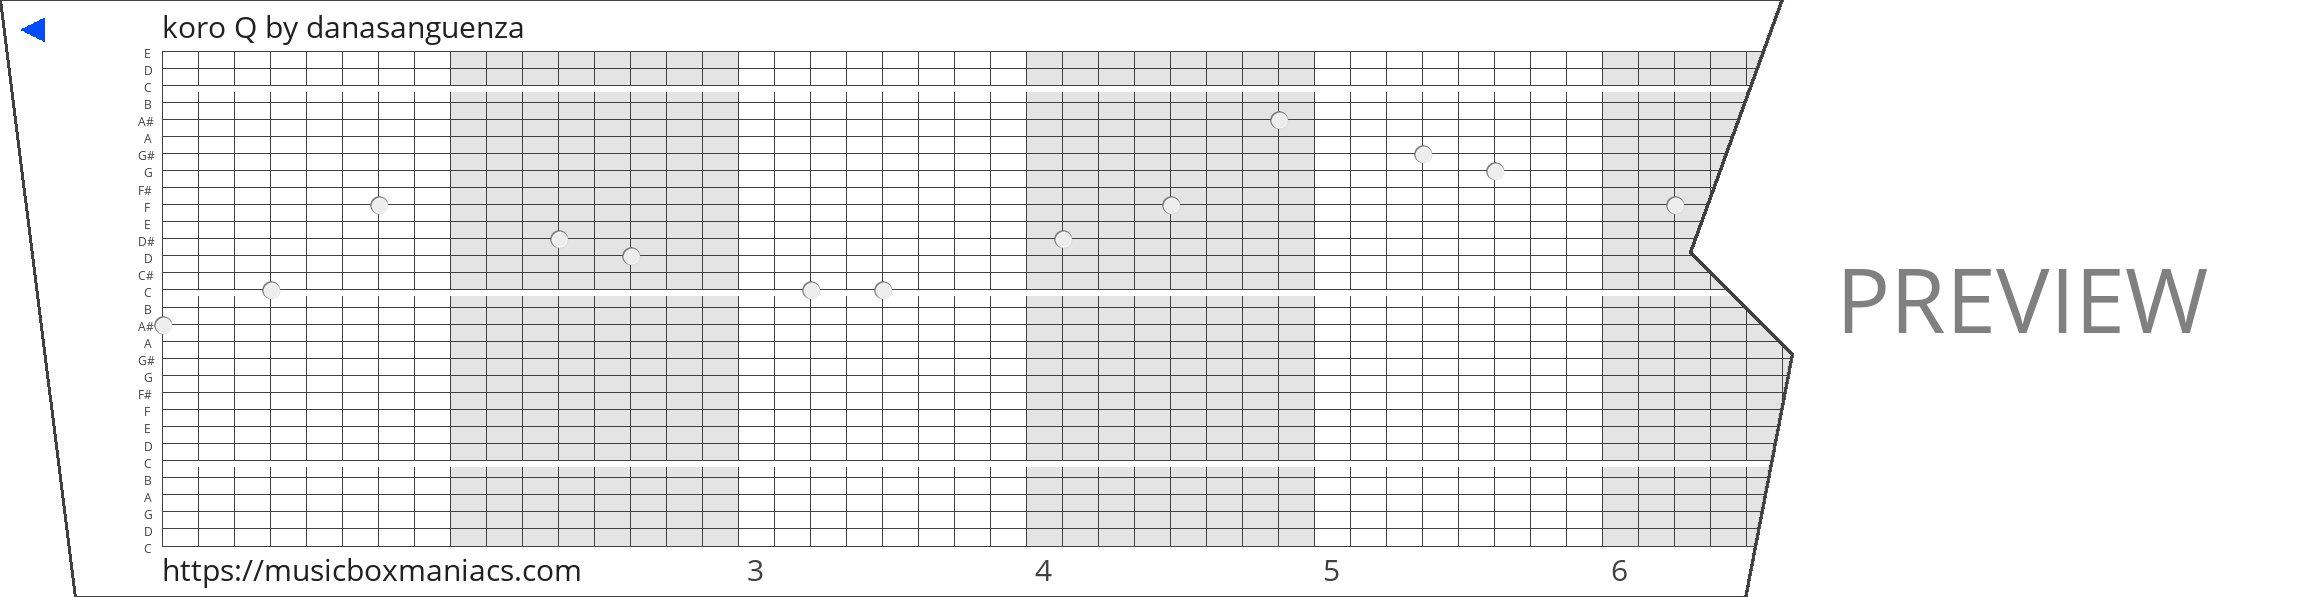 koro Q 30 note music box paper strip